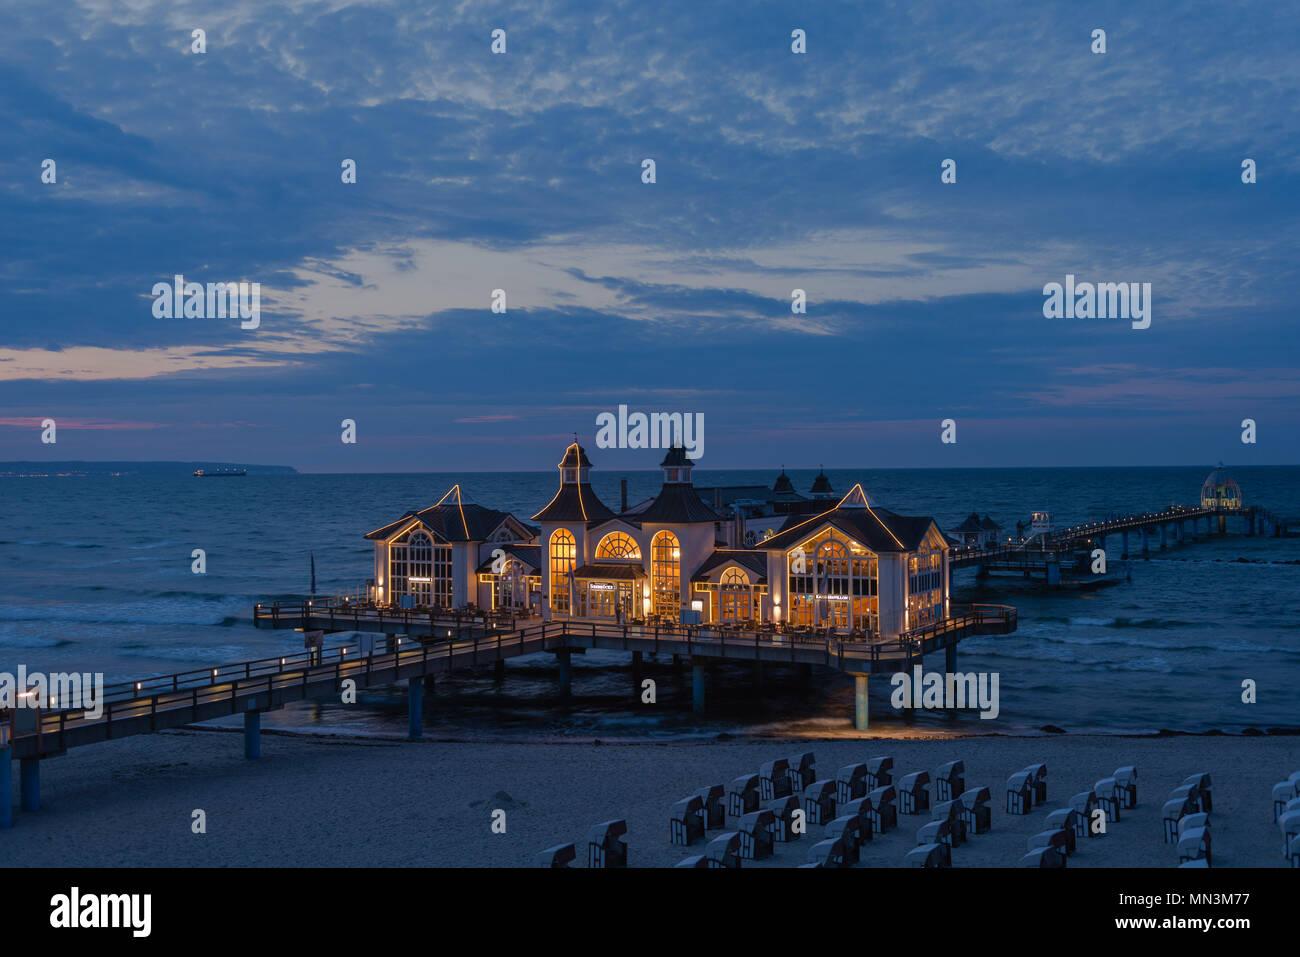 Seebrücke mit Restaurant, beleuchtet, Sellin, Mecklenburg-Vorpommern, Deutschland - Stock Image